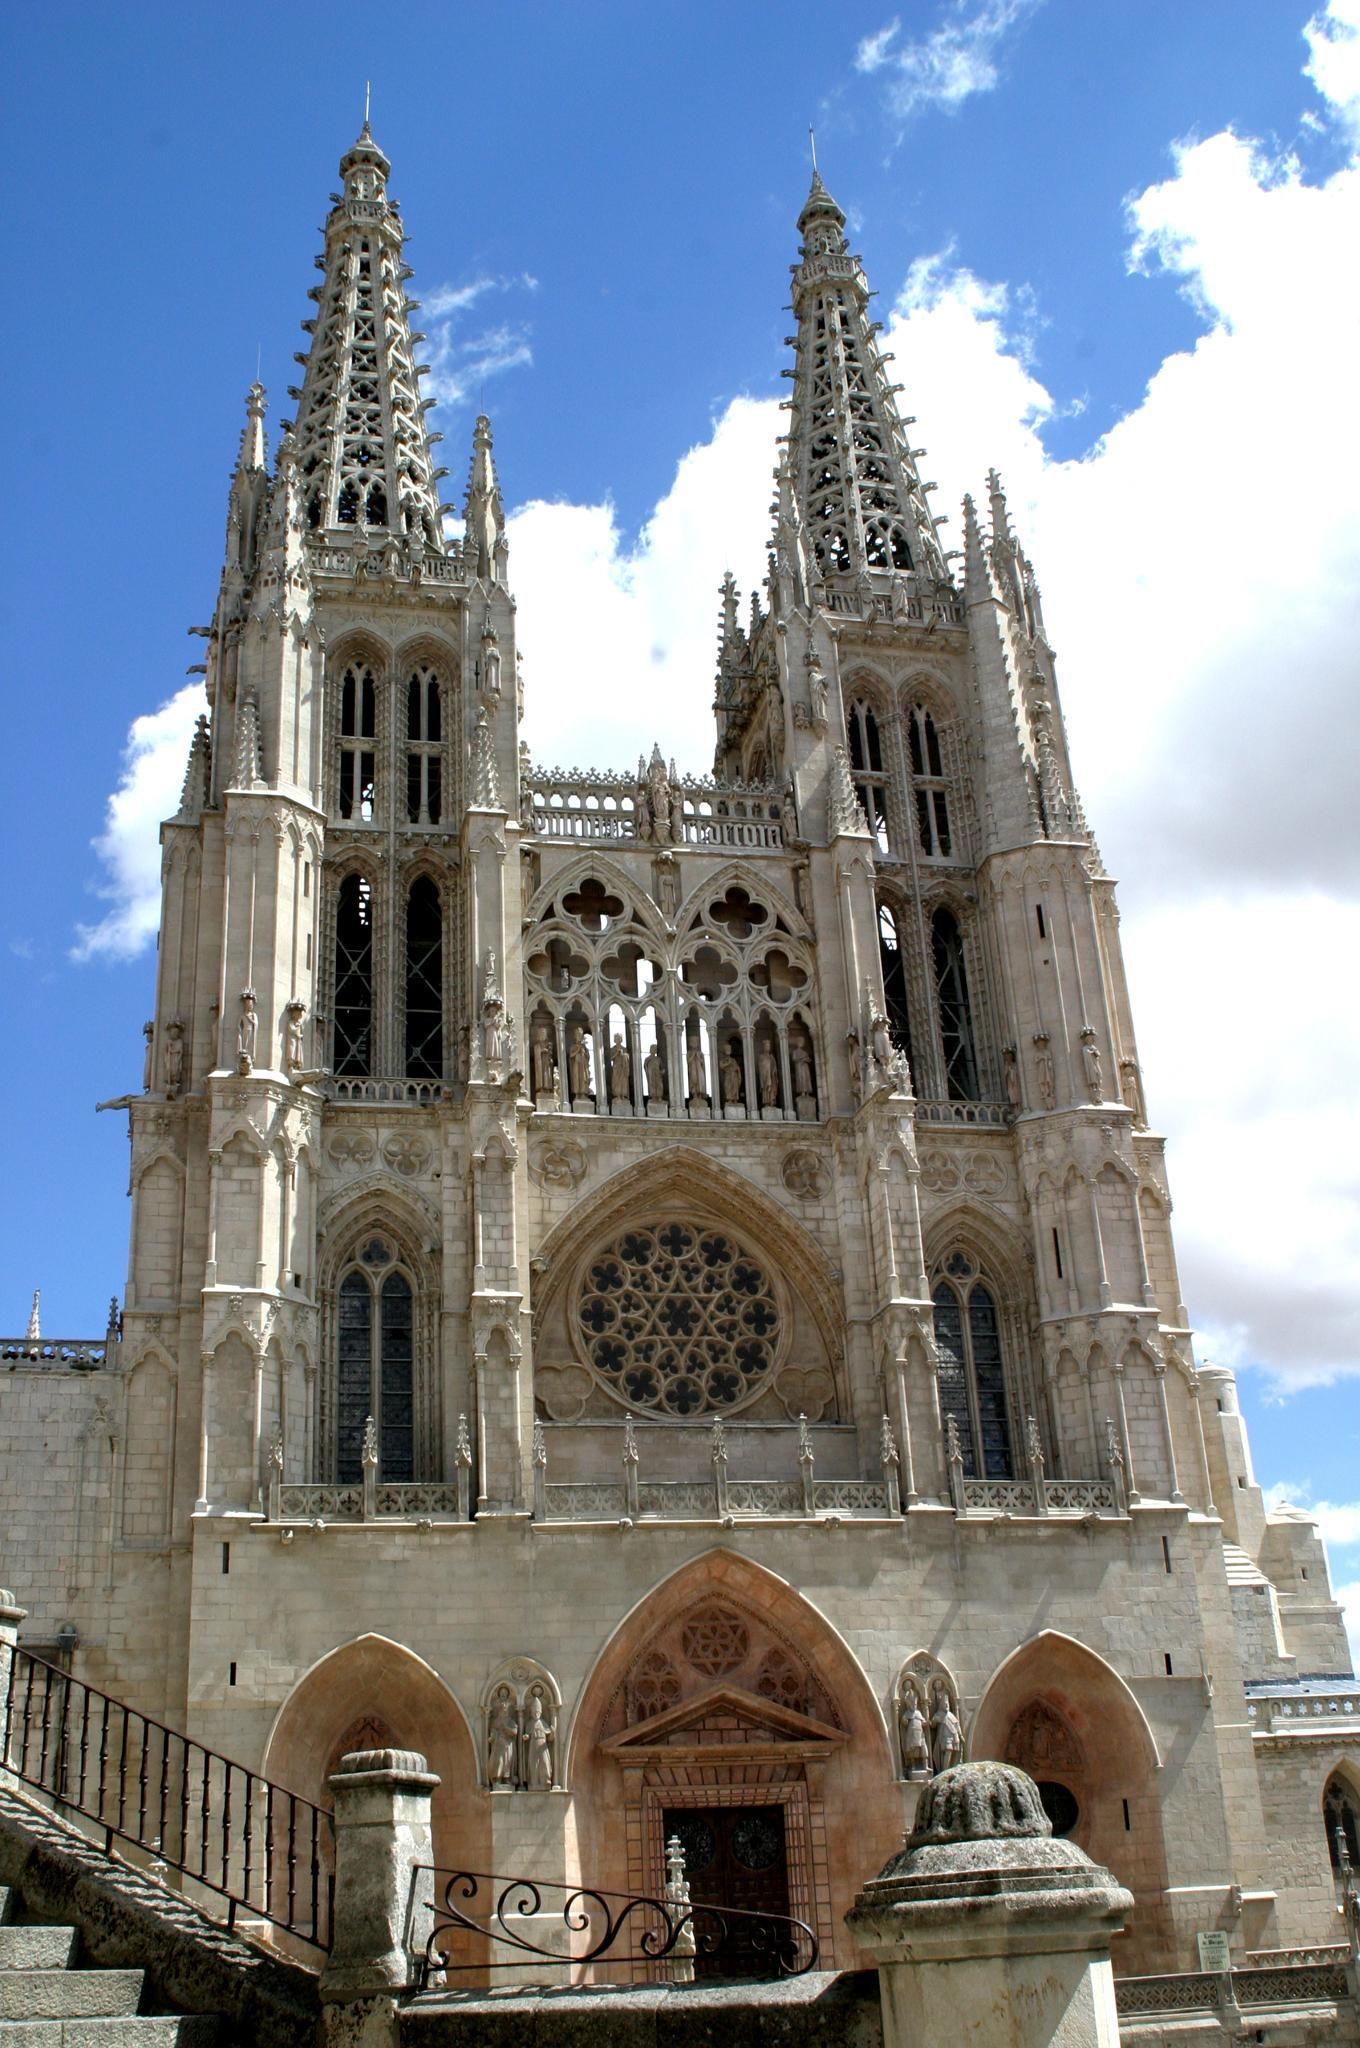 Fachada catedral gotica images - Fachadas arquitectura ...